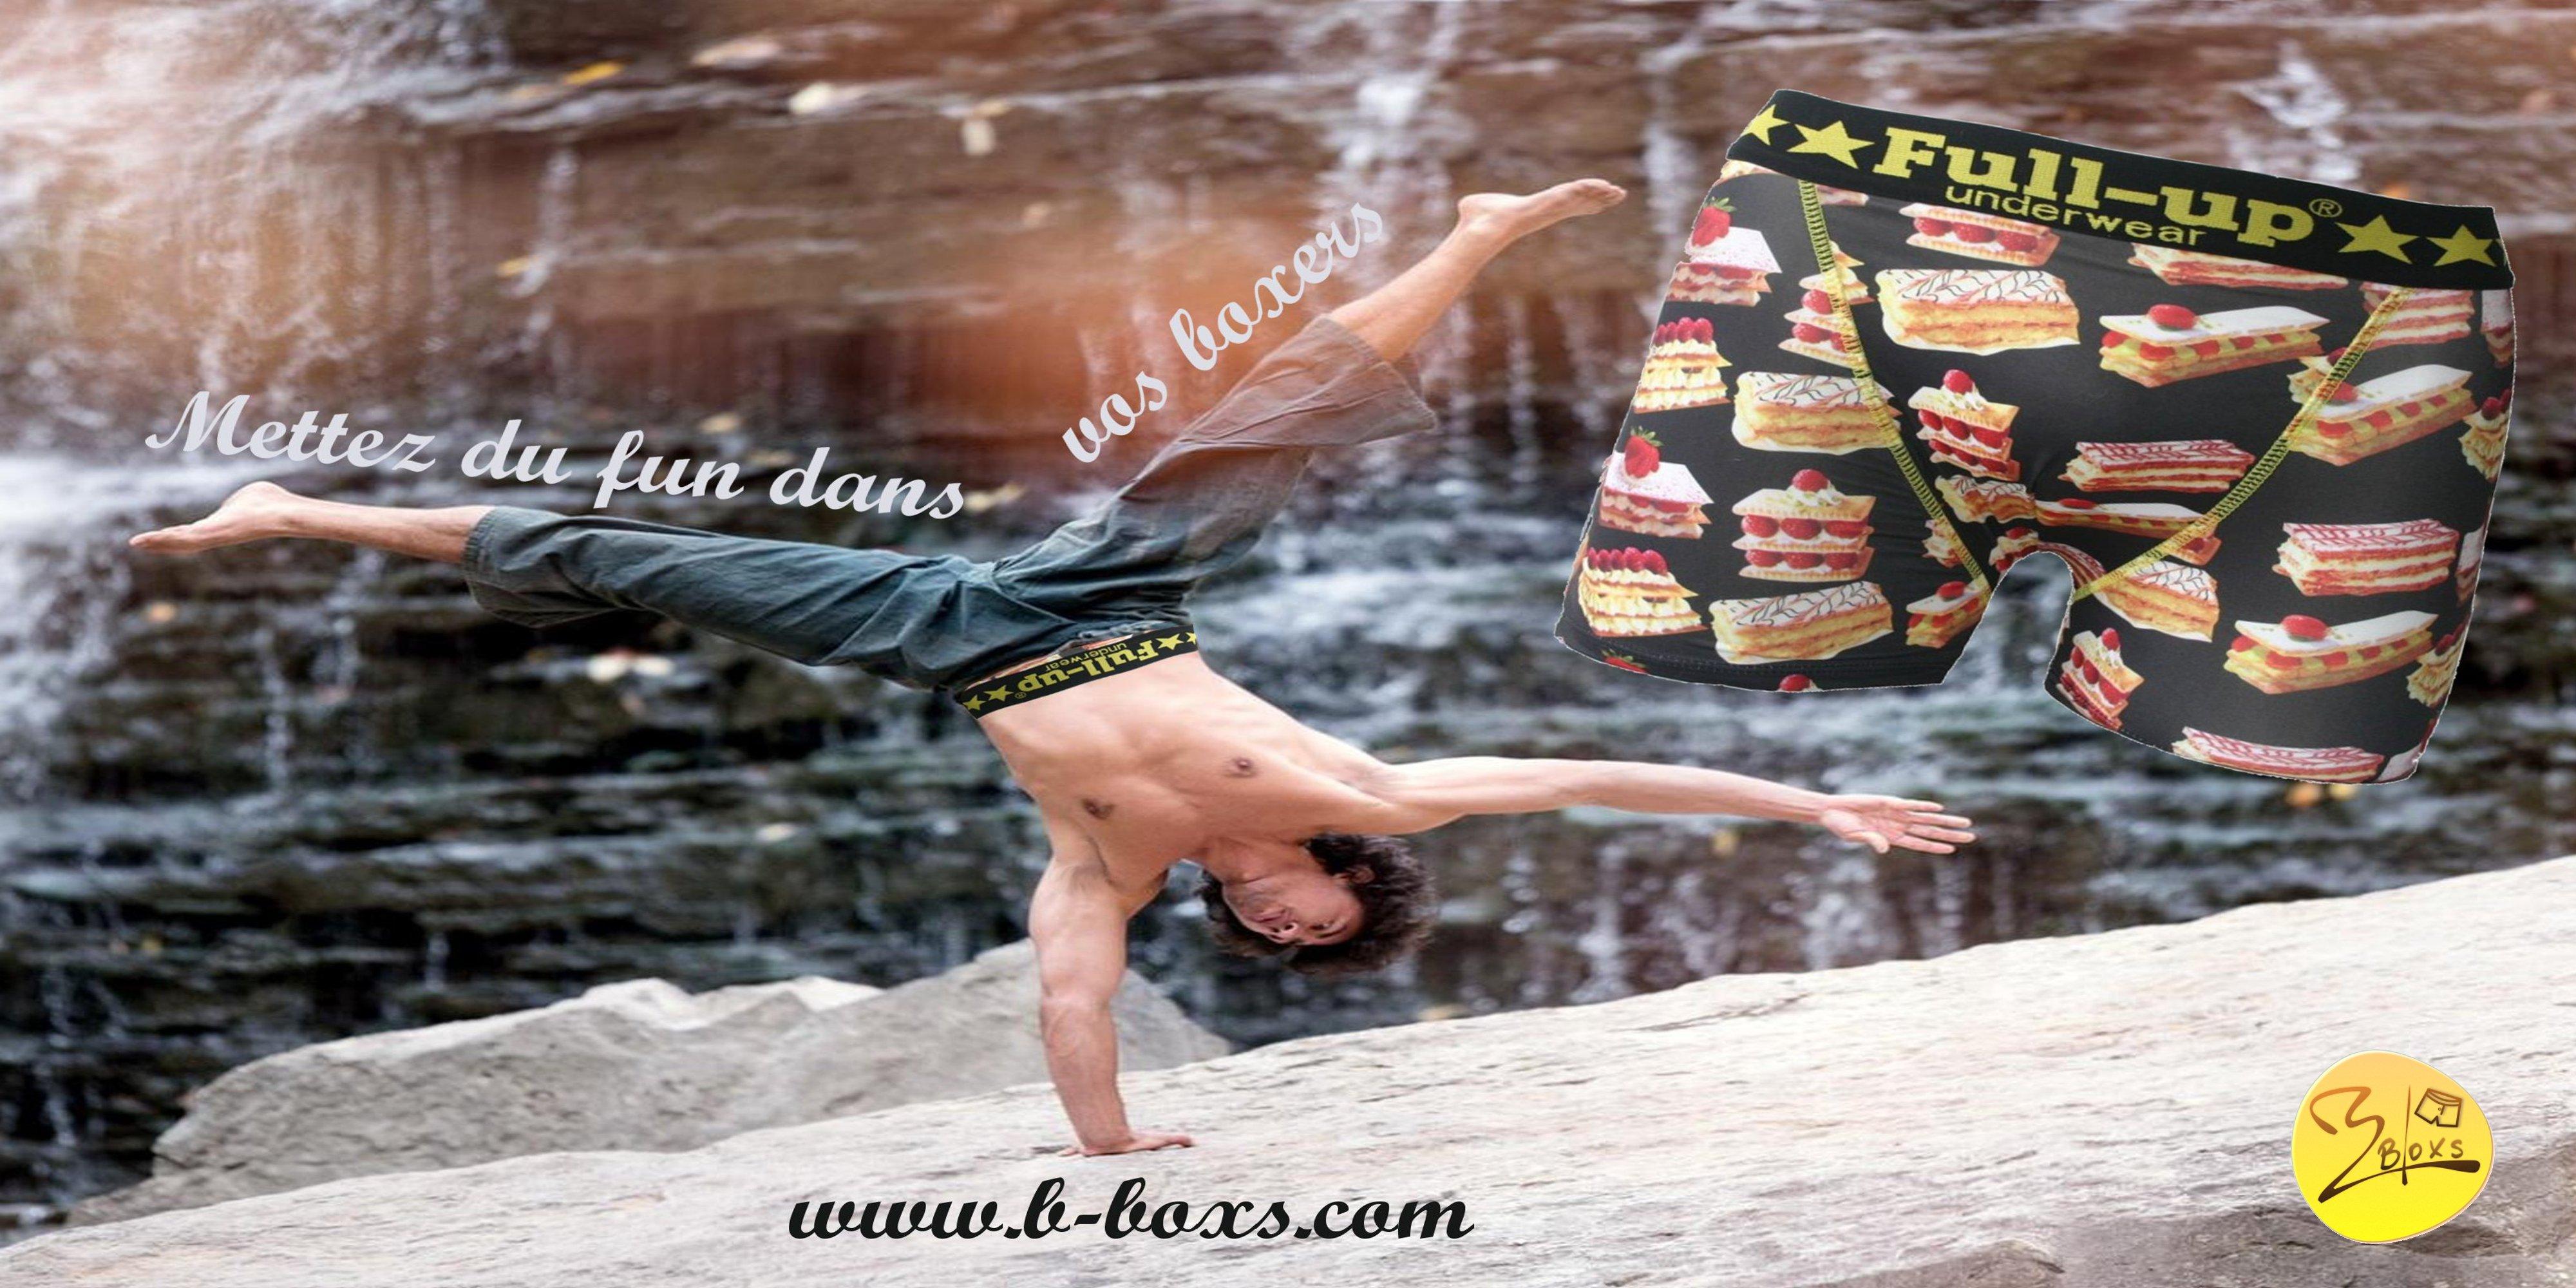 boxer homme full-up  motif gateaux